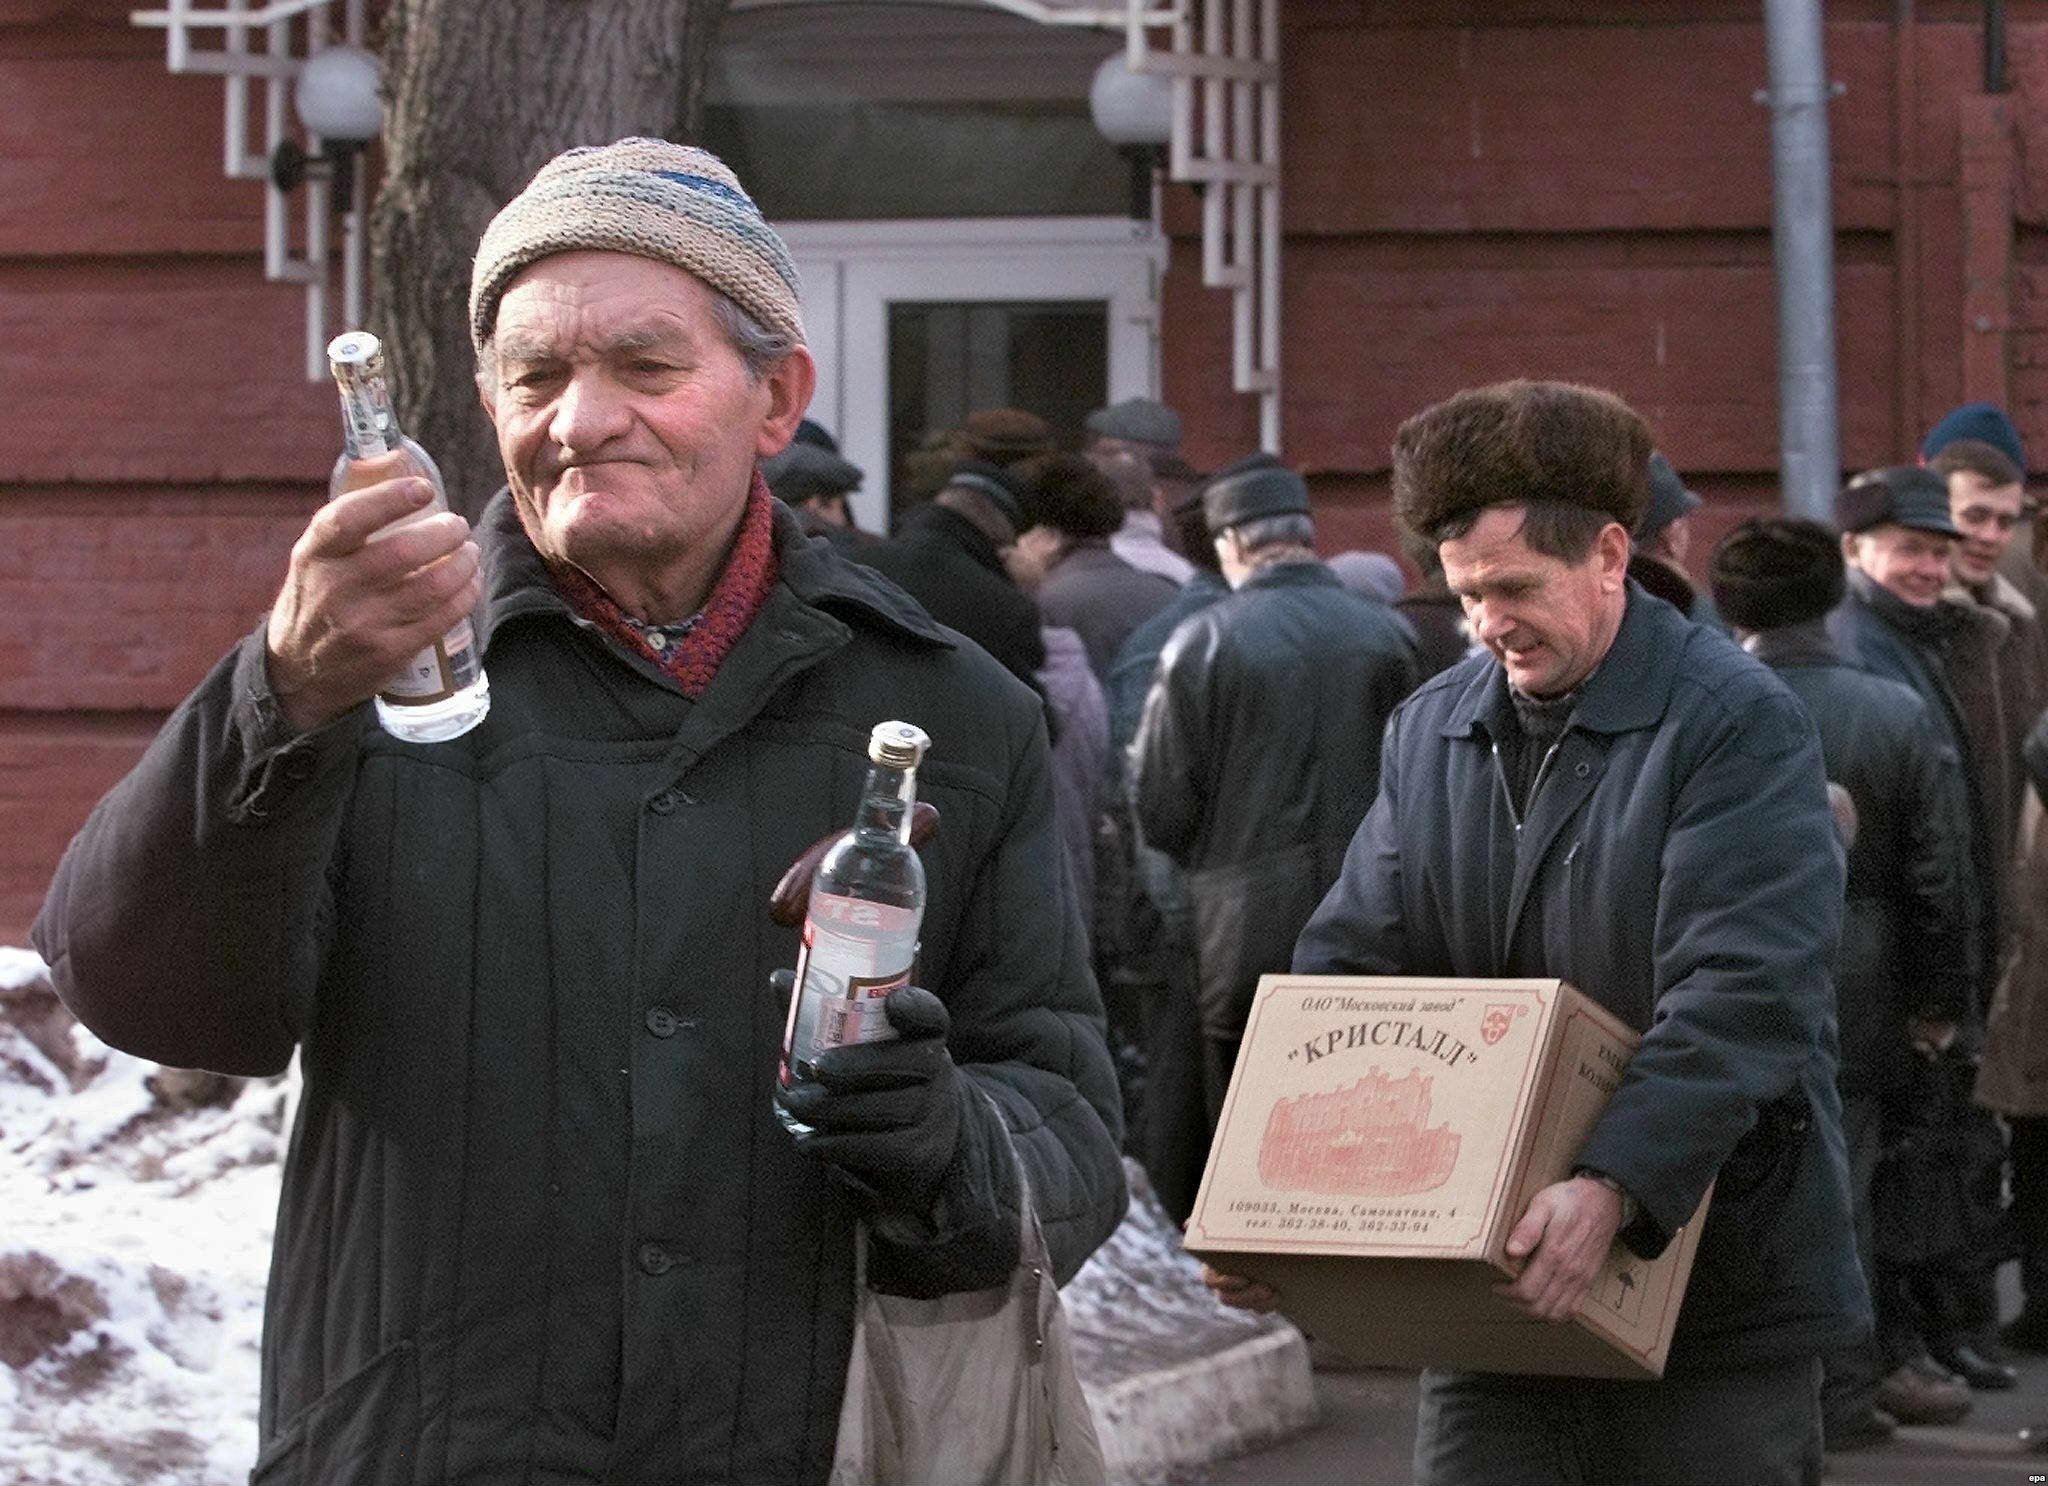 времени, смена алкаши россии фото появился этот